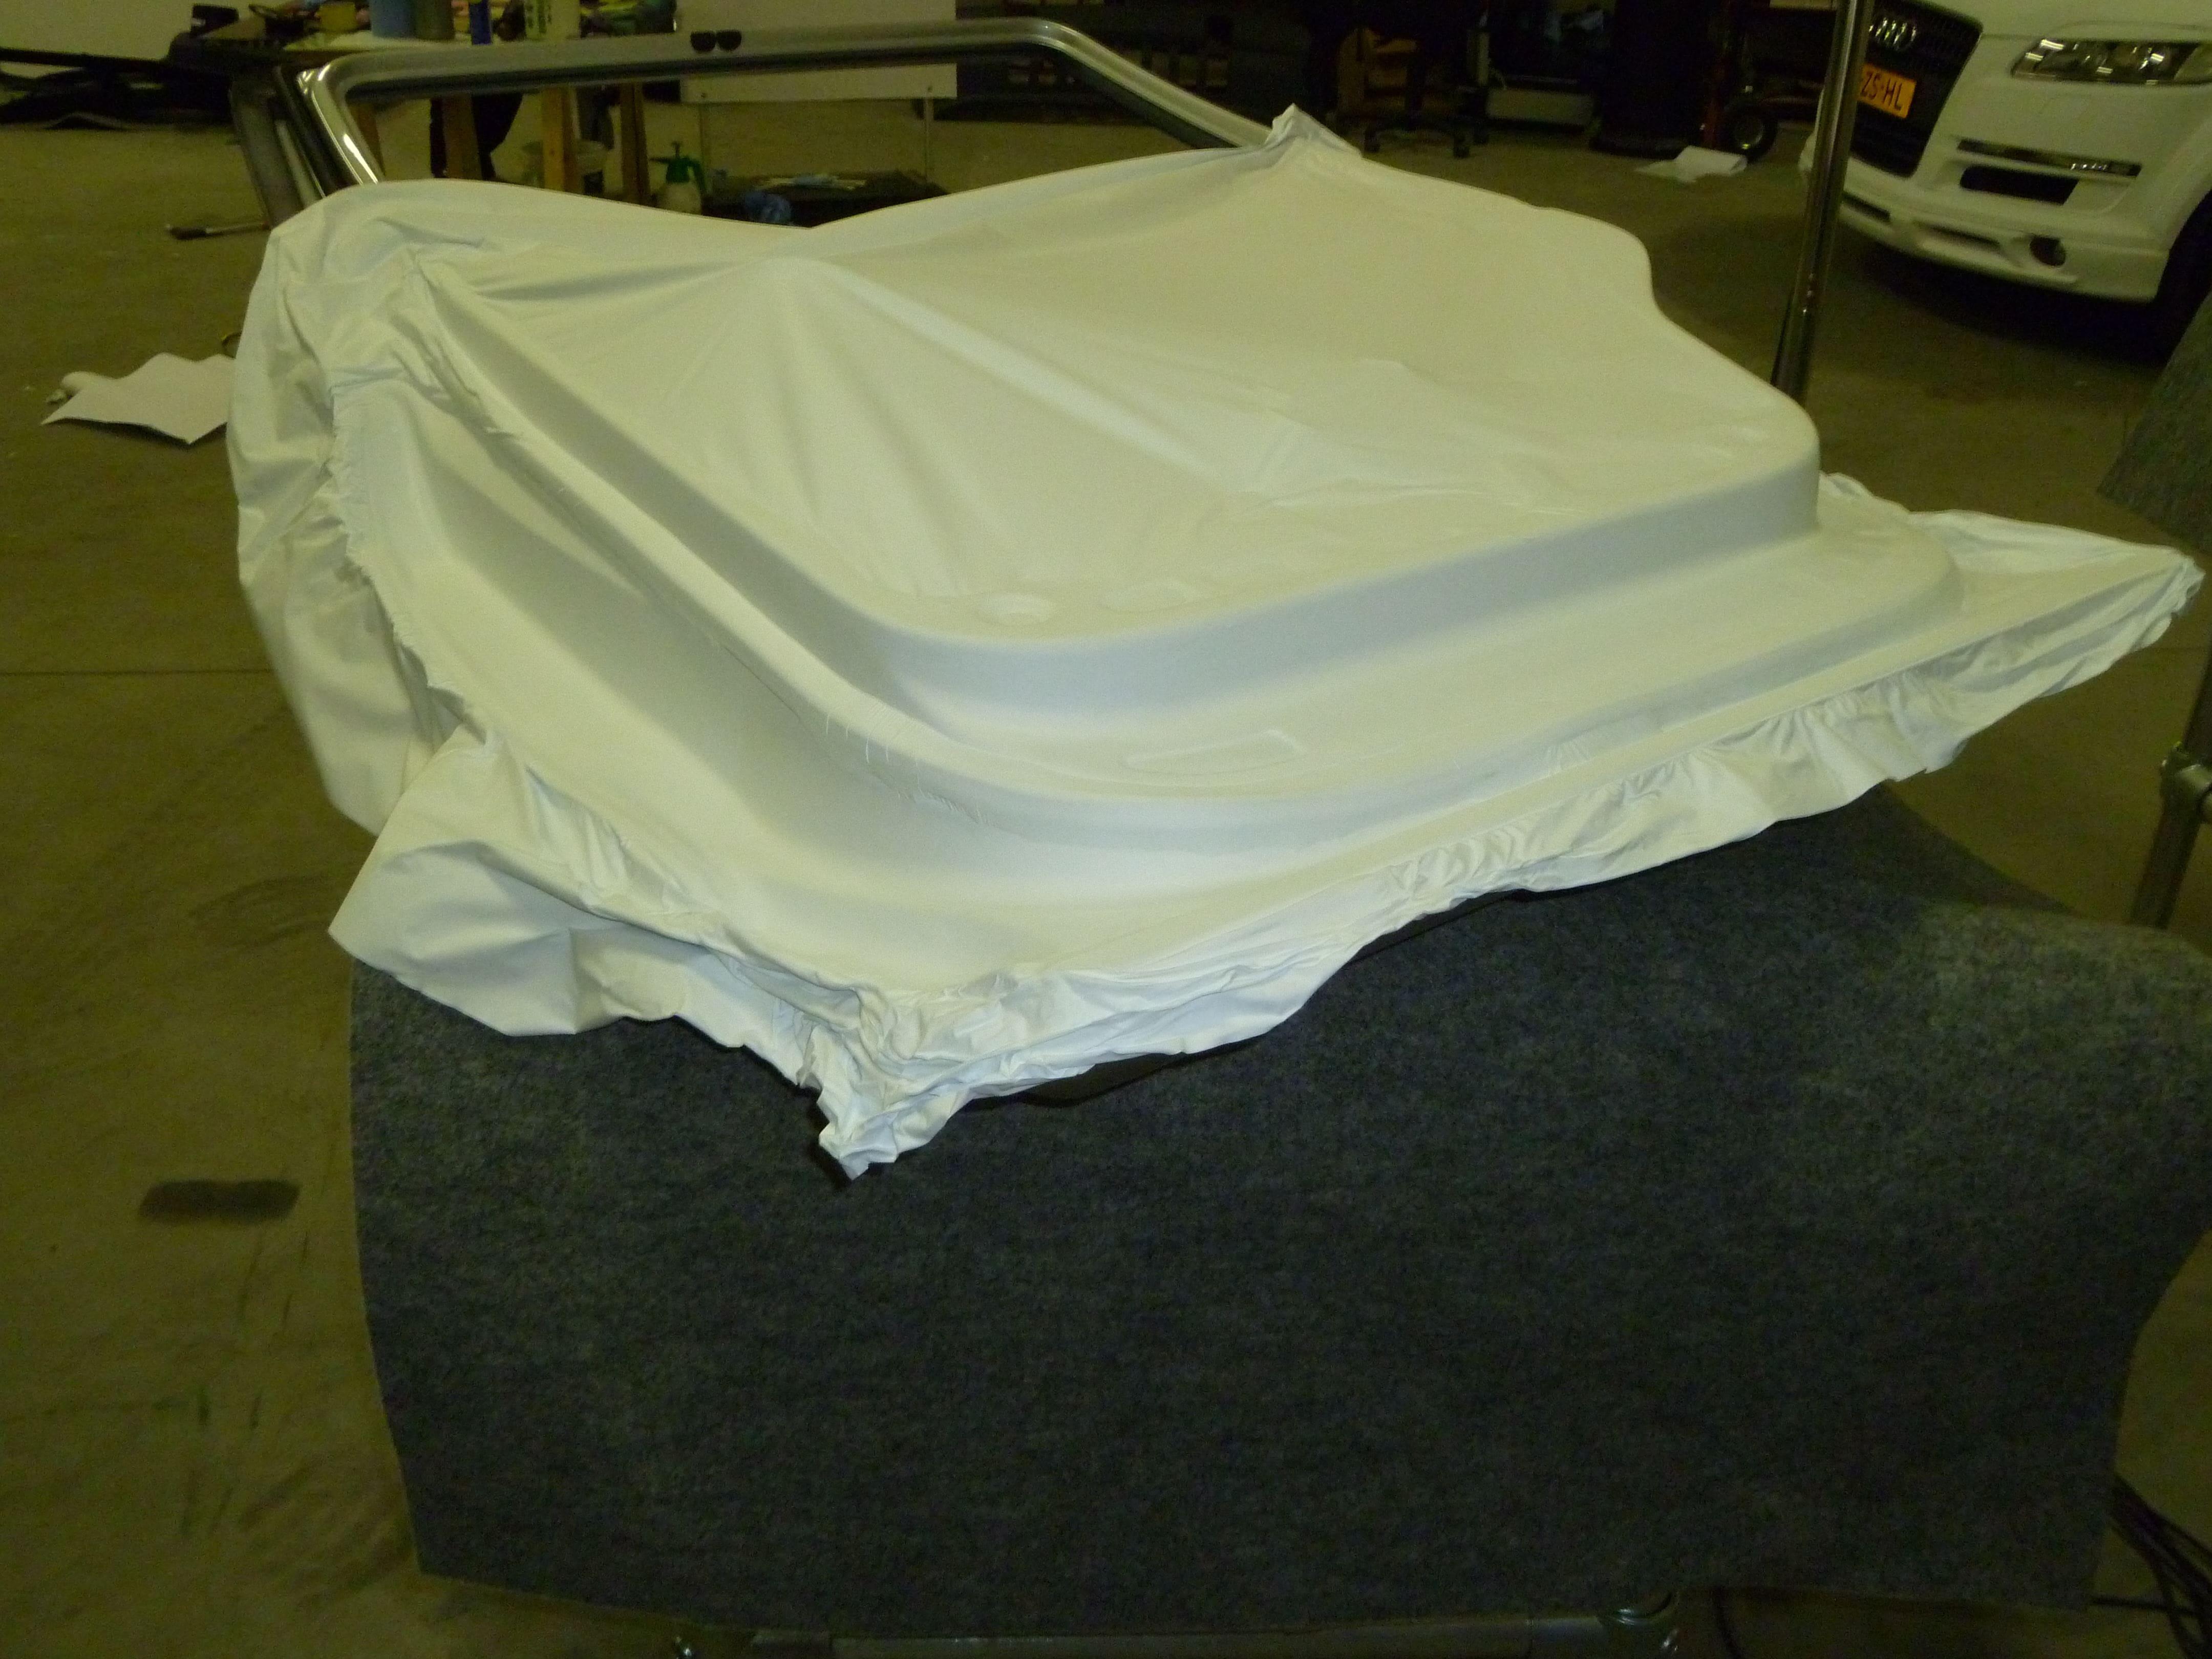 Audi Q7 met Mat Witte Wrap, Carwrapping door Wrapmyride.nu Foto-nr:5024, ©2021